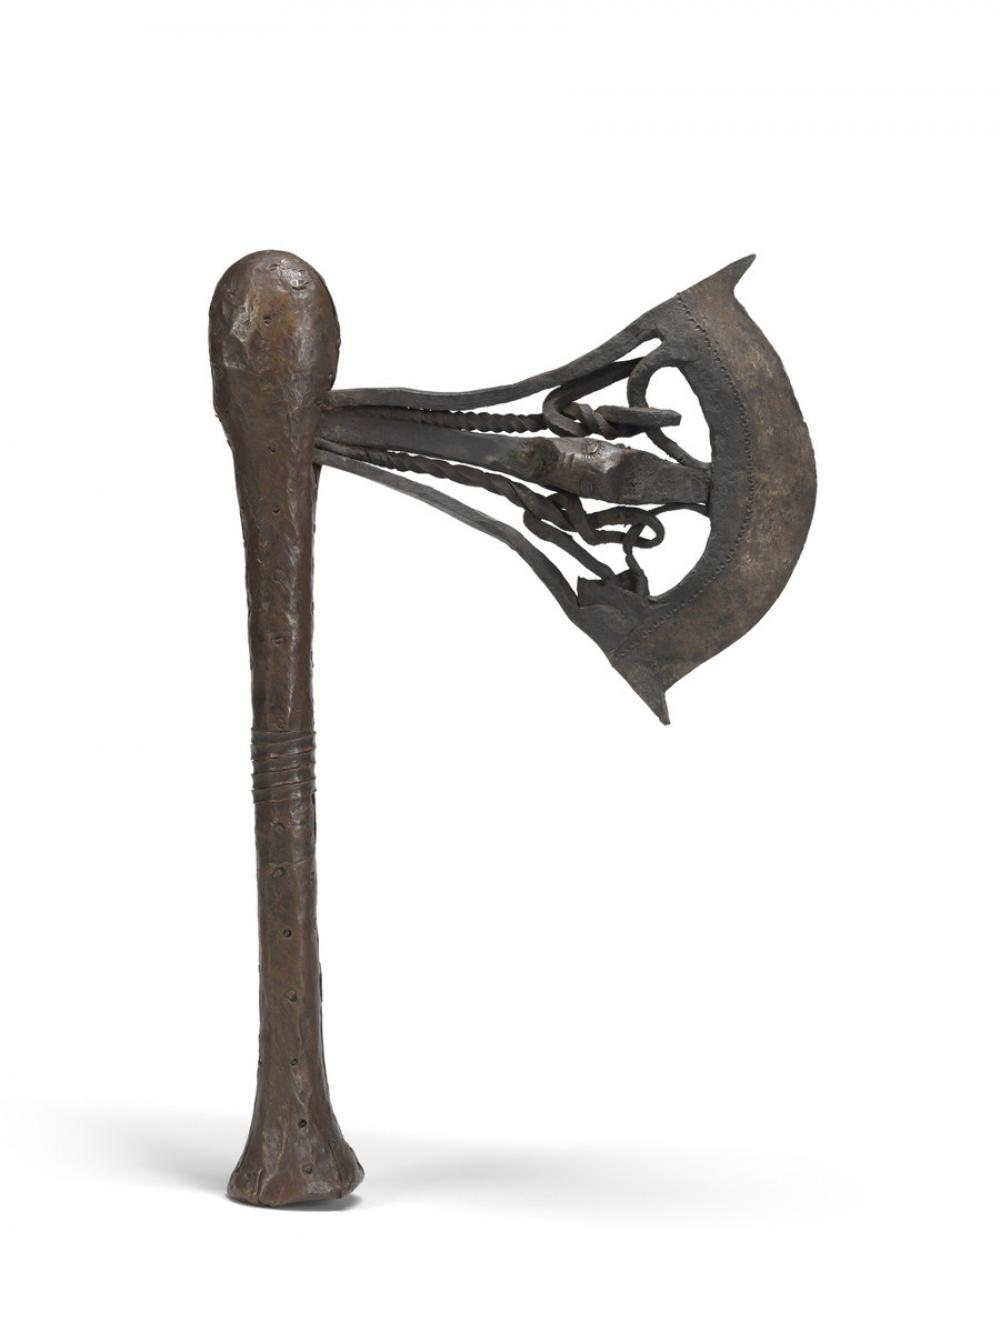 Songye, Nzappa zap (axe)